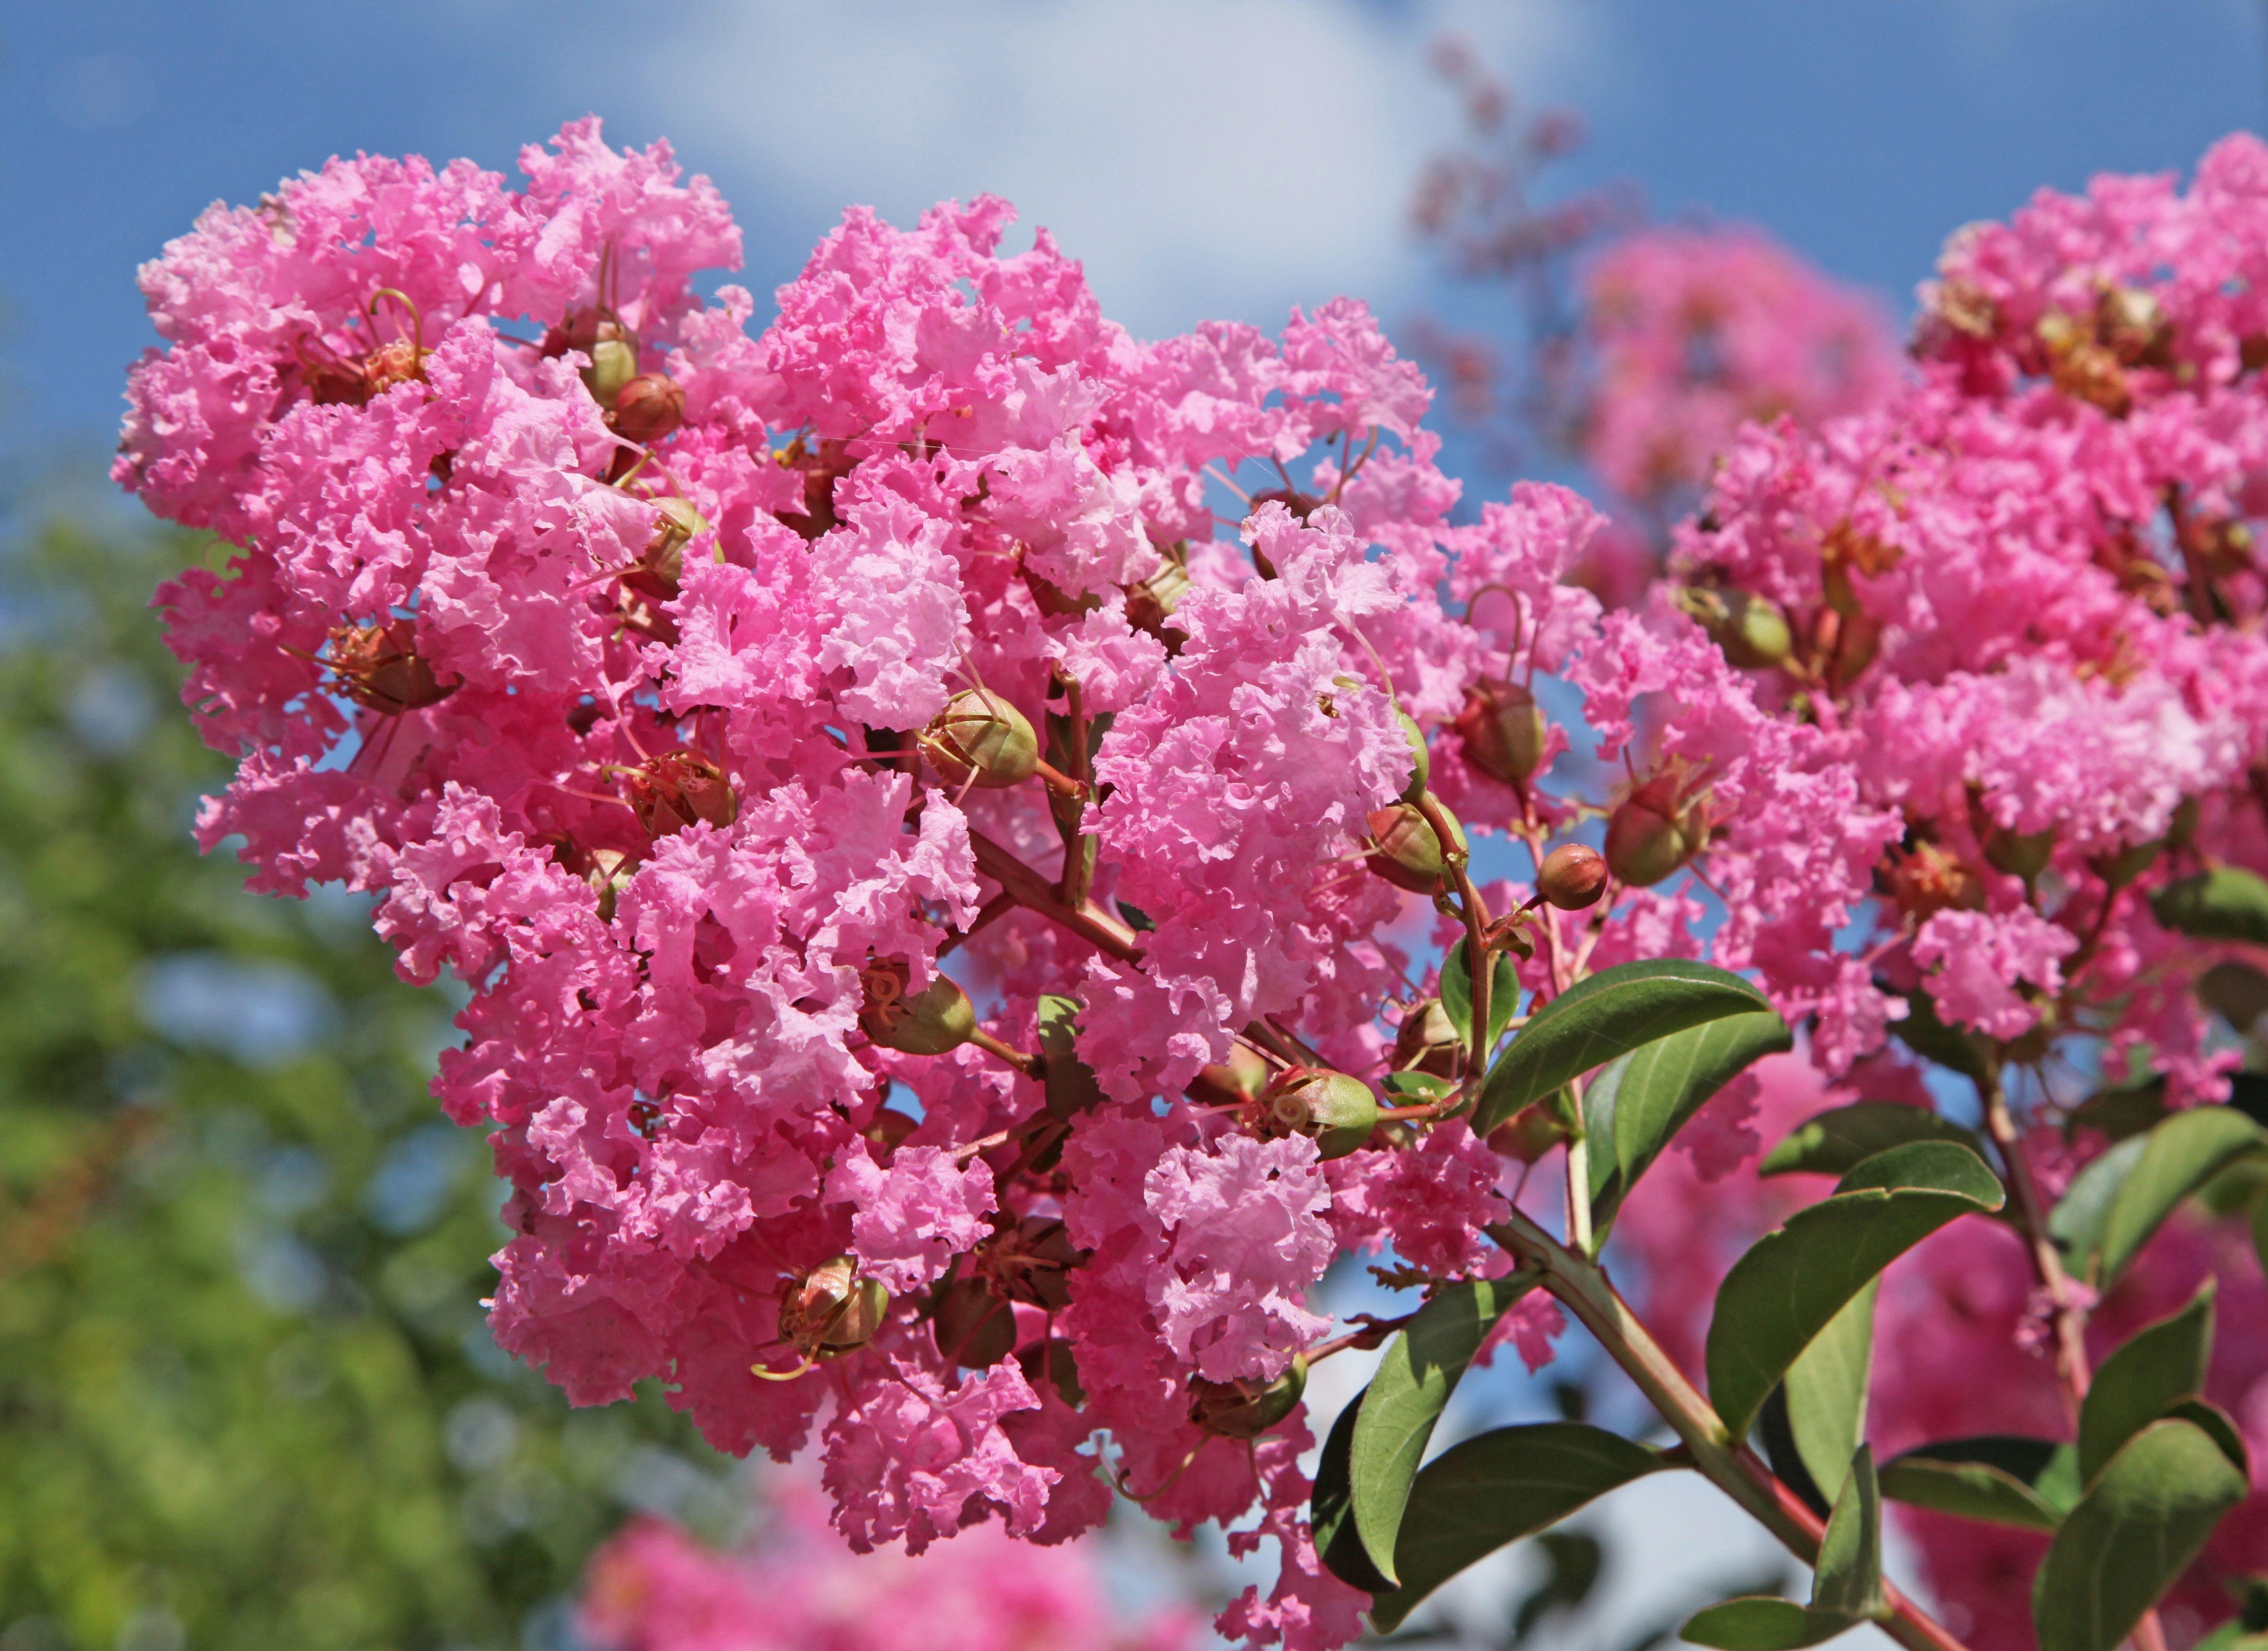 Arbres Et Fleurs Waziers Articles Funraires Adresse Avis